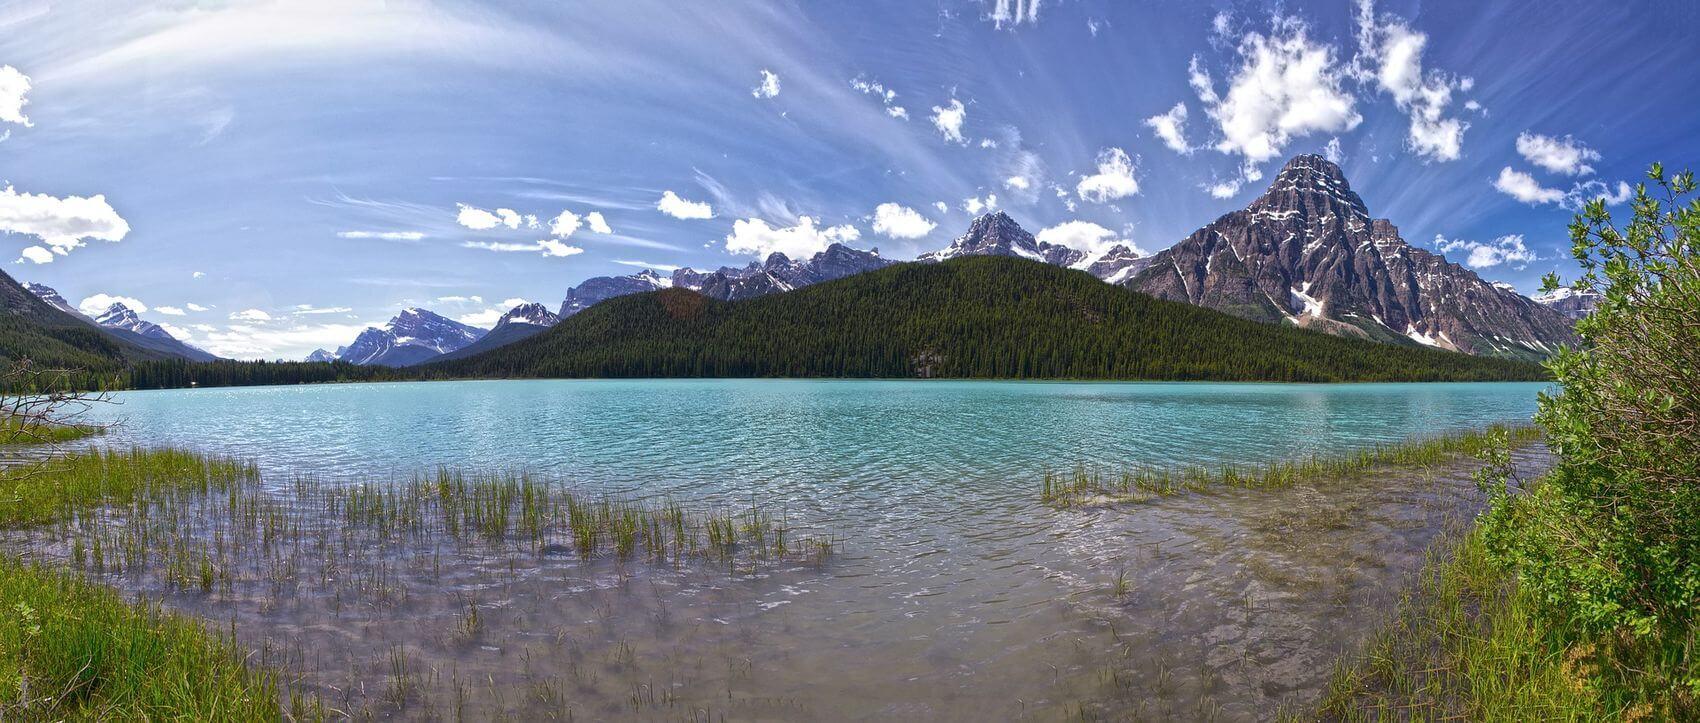 visiter le parc national de banff au canada